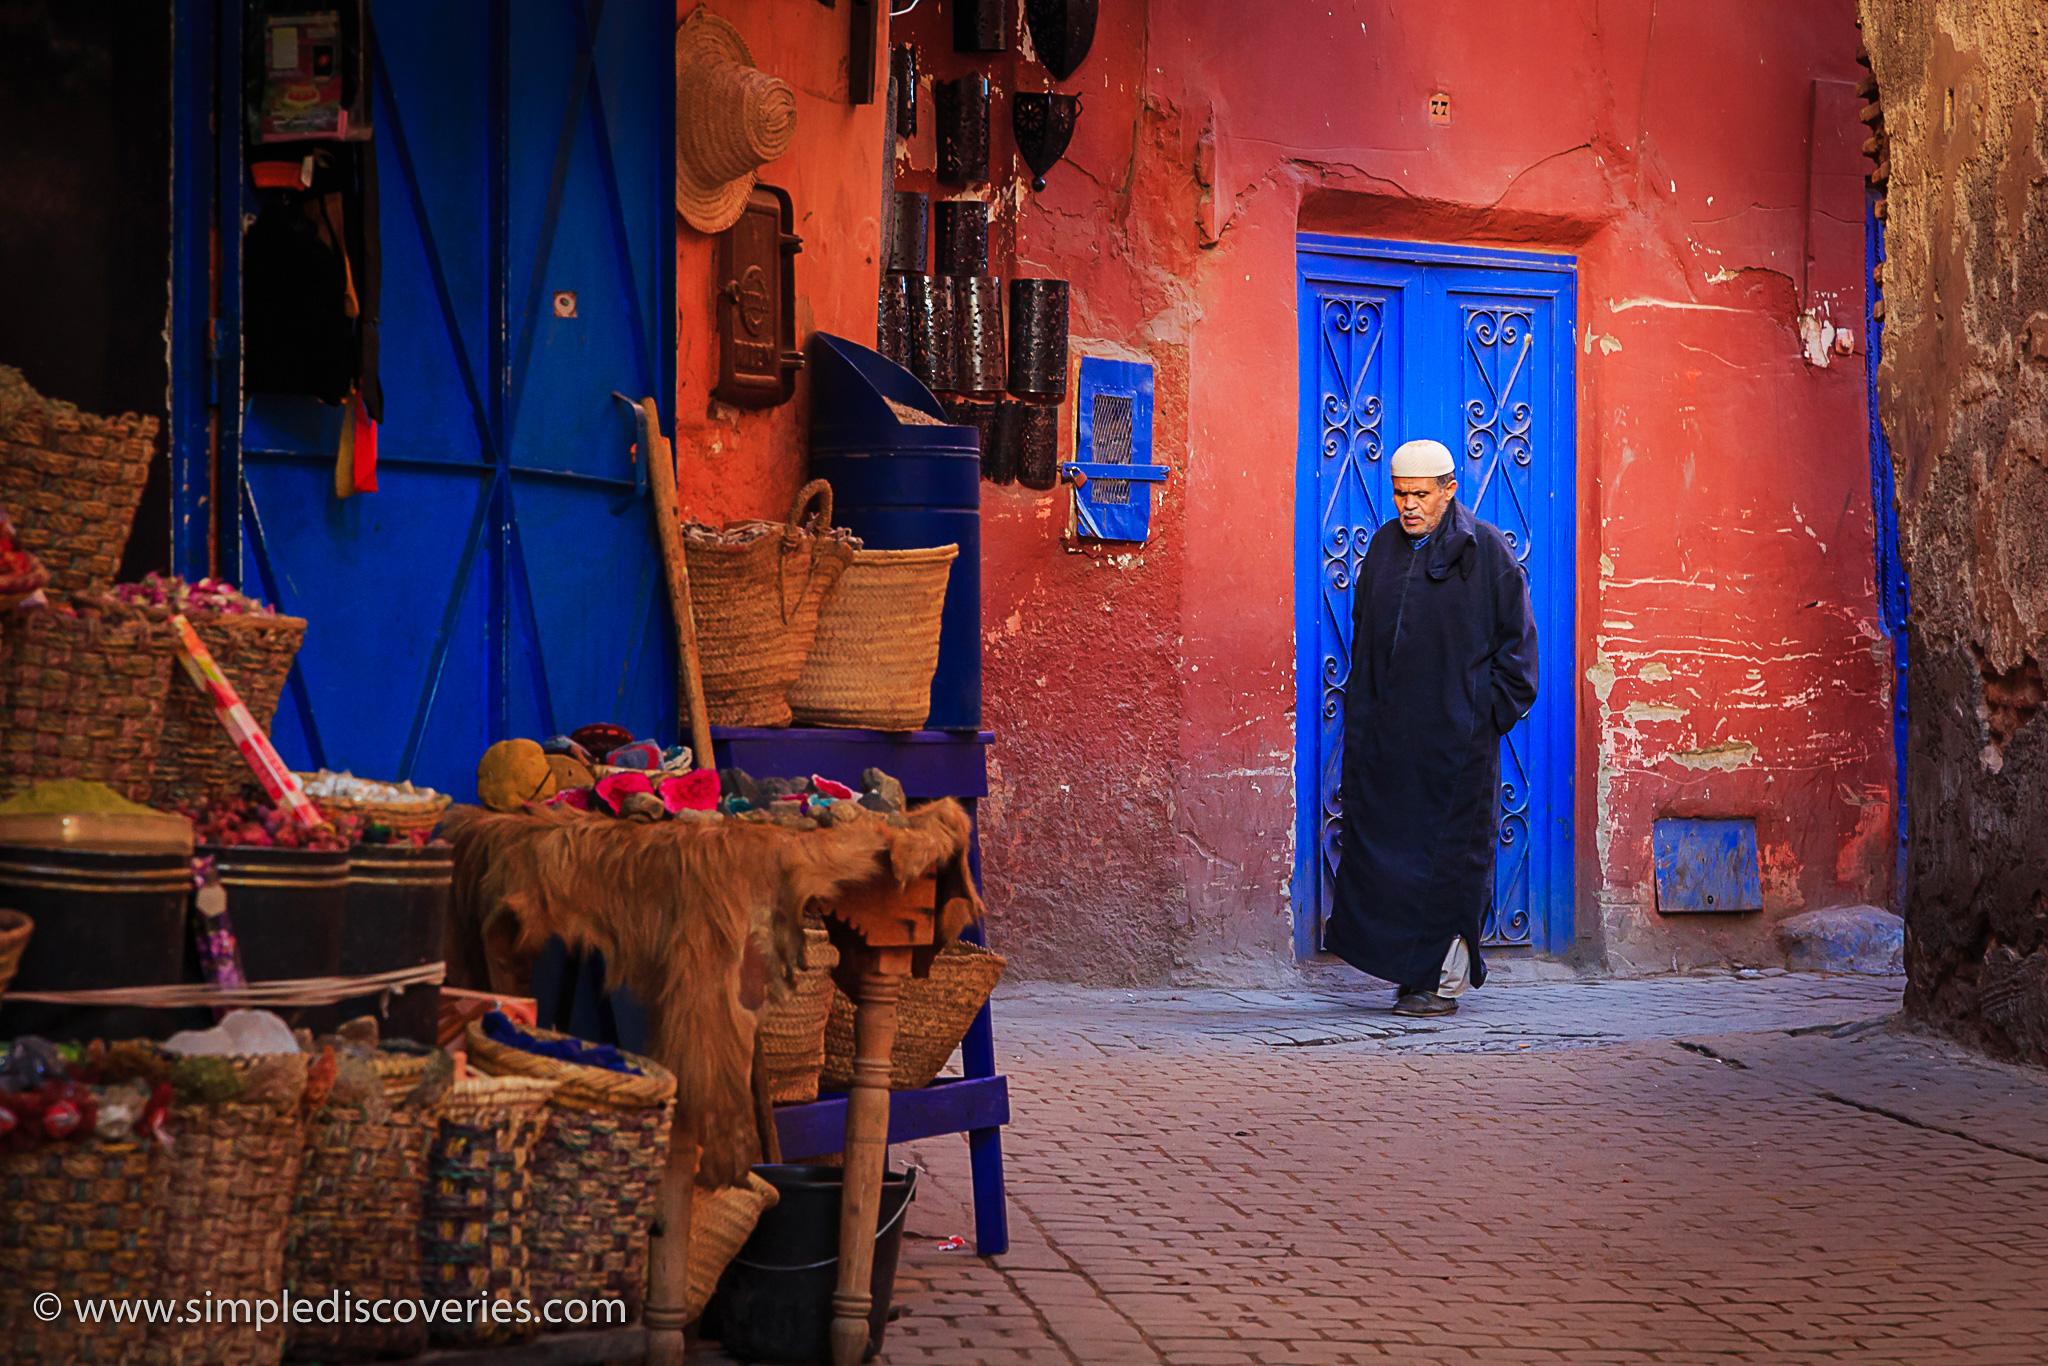 Le 5 migliori società di approvvigionamento di merci marocchine